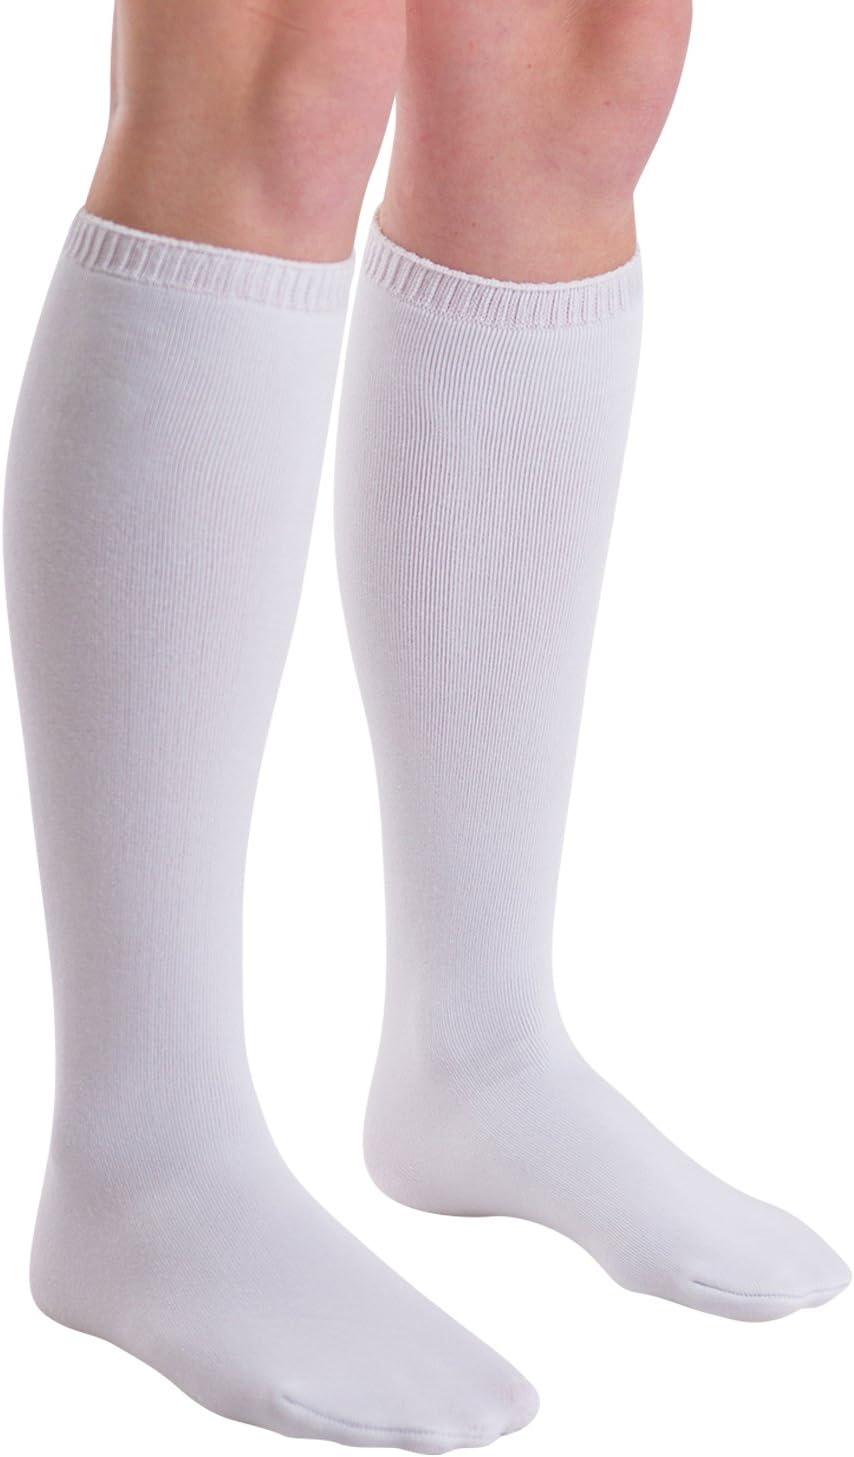 BraceAbility Calcetín de repuesto para botas ortopédicas para caminar | Calcetines de tubo médicos para usar Caminantes debajo de la cámara de aire y Fracture Boot Casts (Paquete de 2)